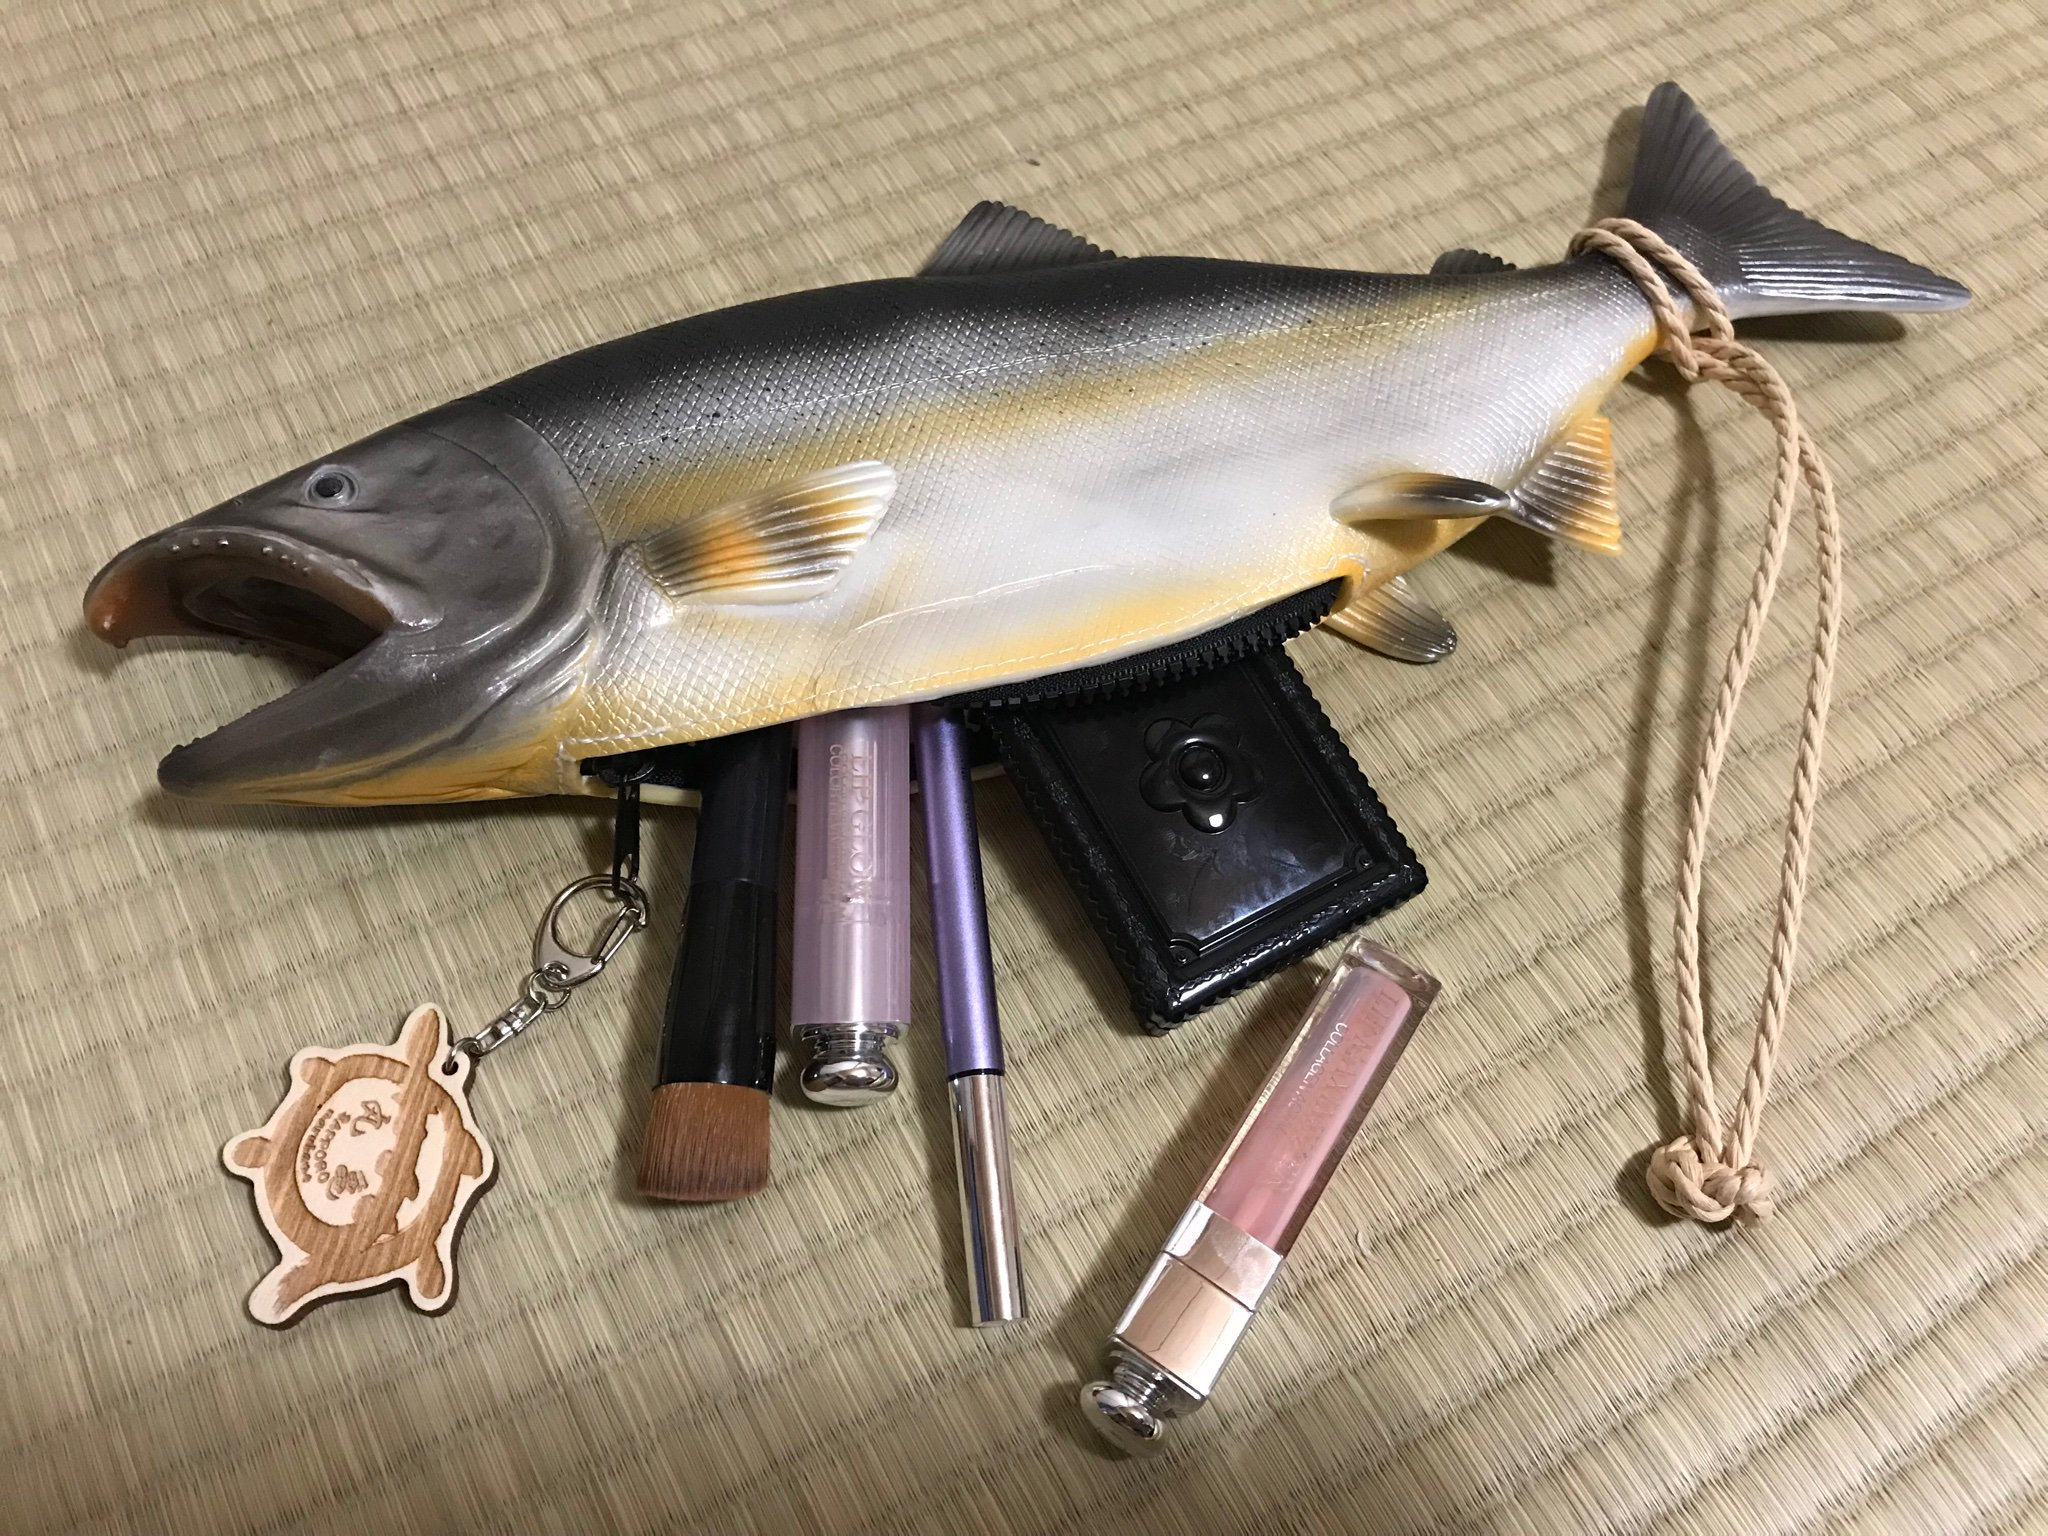 鮭バッグ、鮭好きな方には気になる一品です。リアルな鮭の中身が、女子力高くてギャップがまたいい。